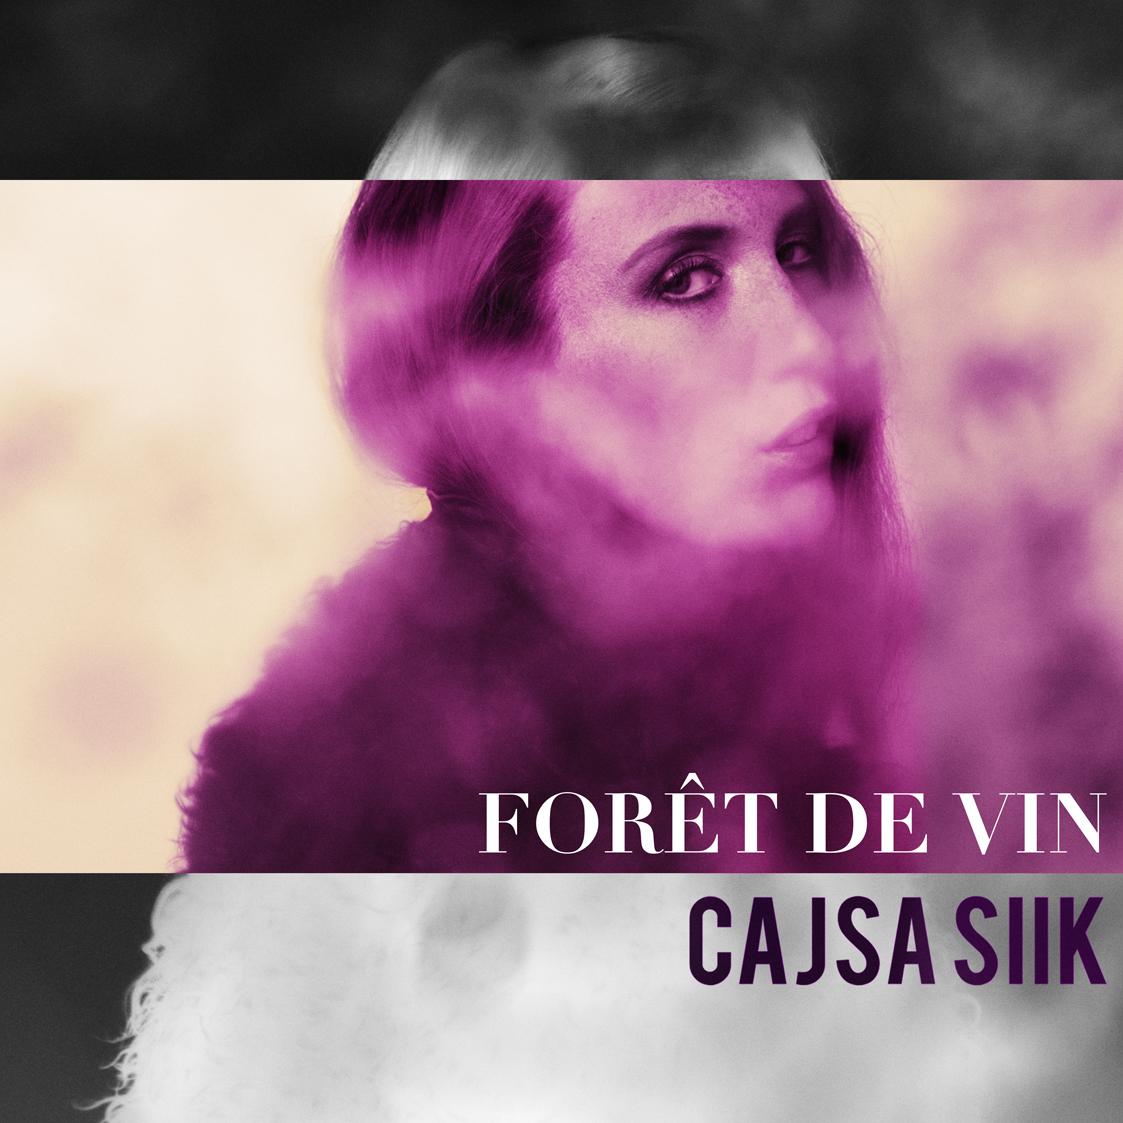 """BIRDS055 - Cajsa Siik - """"White Noise (Foret De Vin's 1988 edit)"""